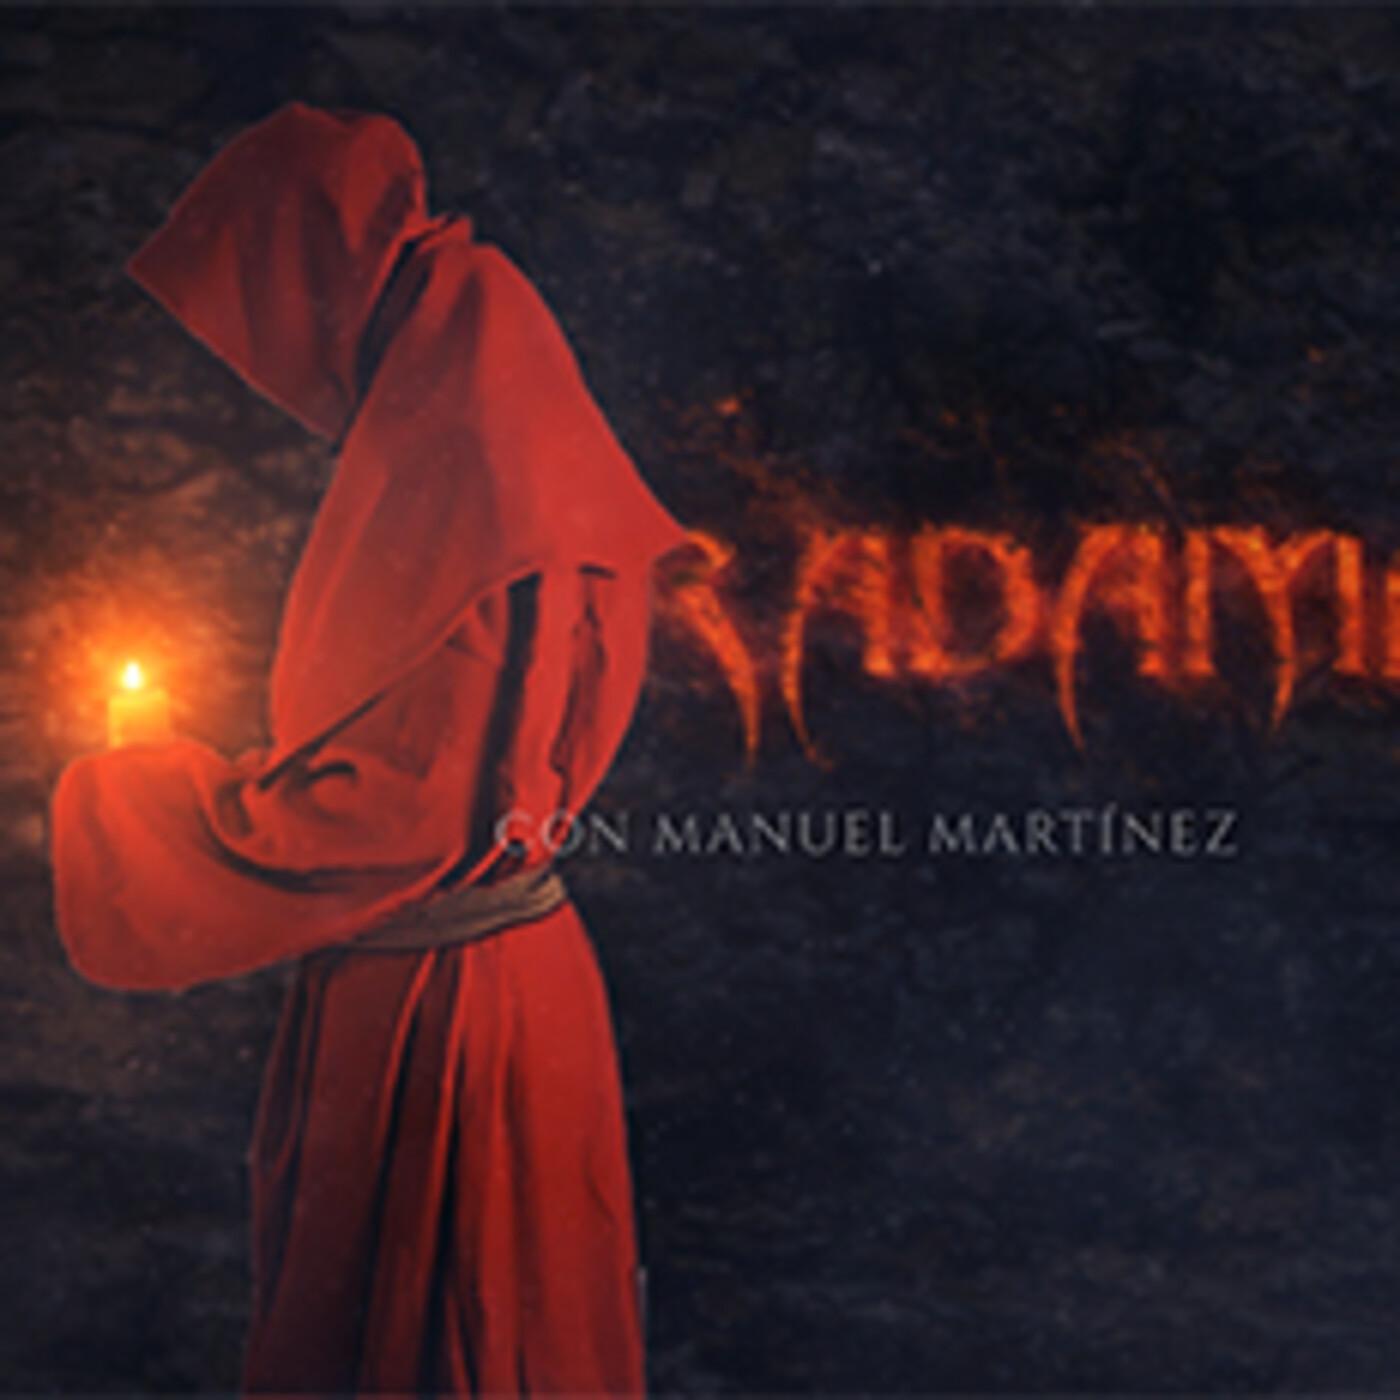 Nostradamus y Numerología - Con Manuel Martínez